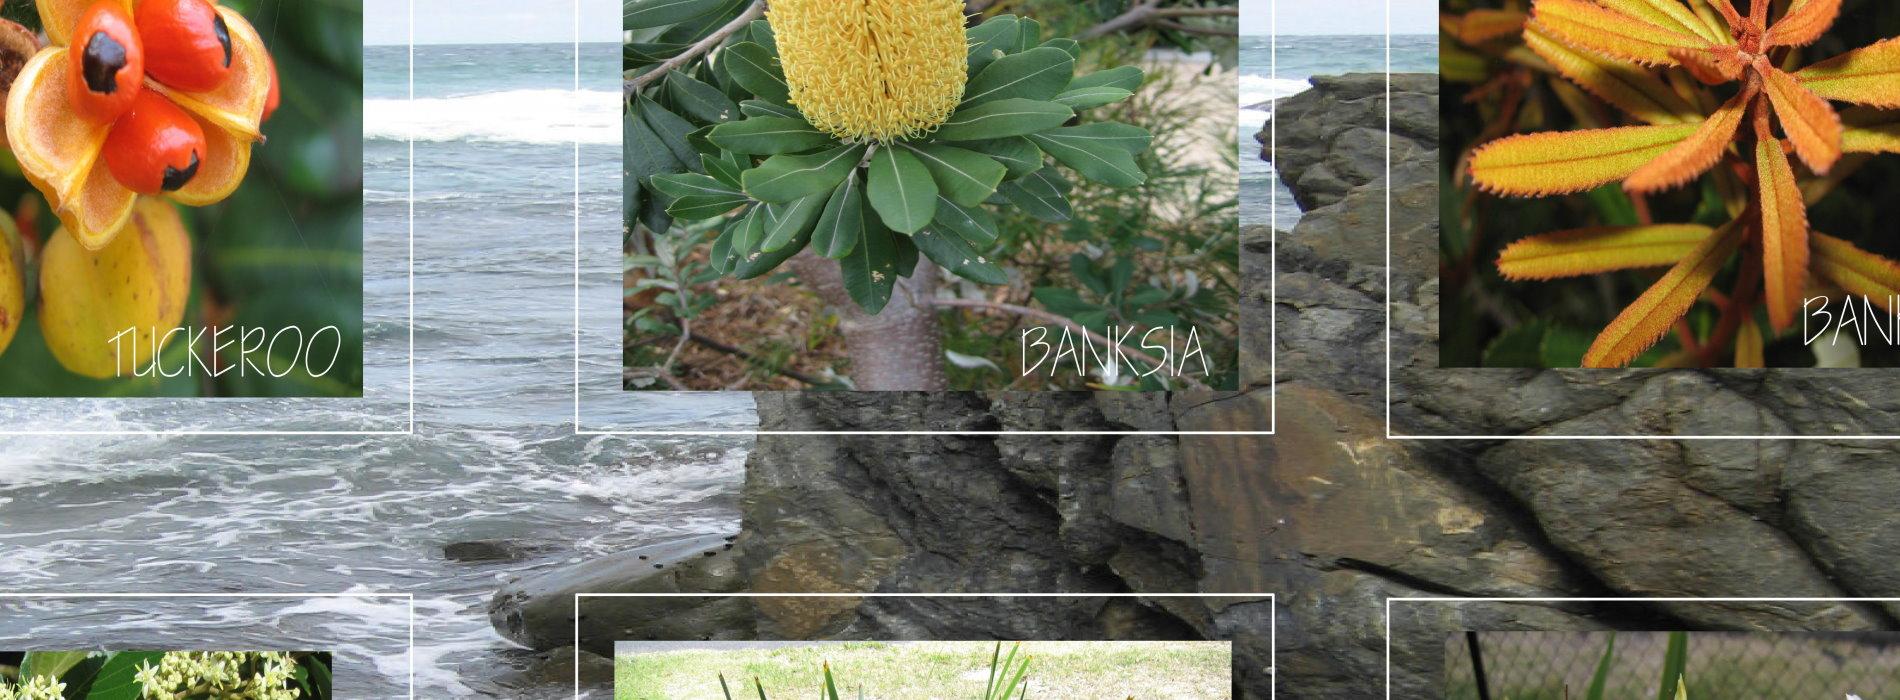 landscape proposal cover page